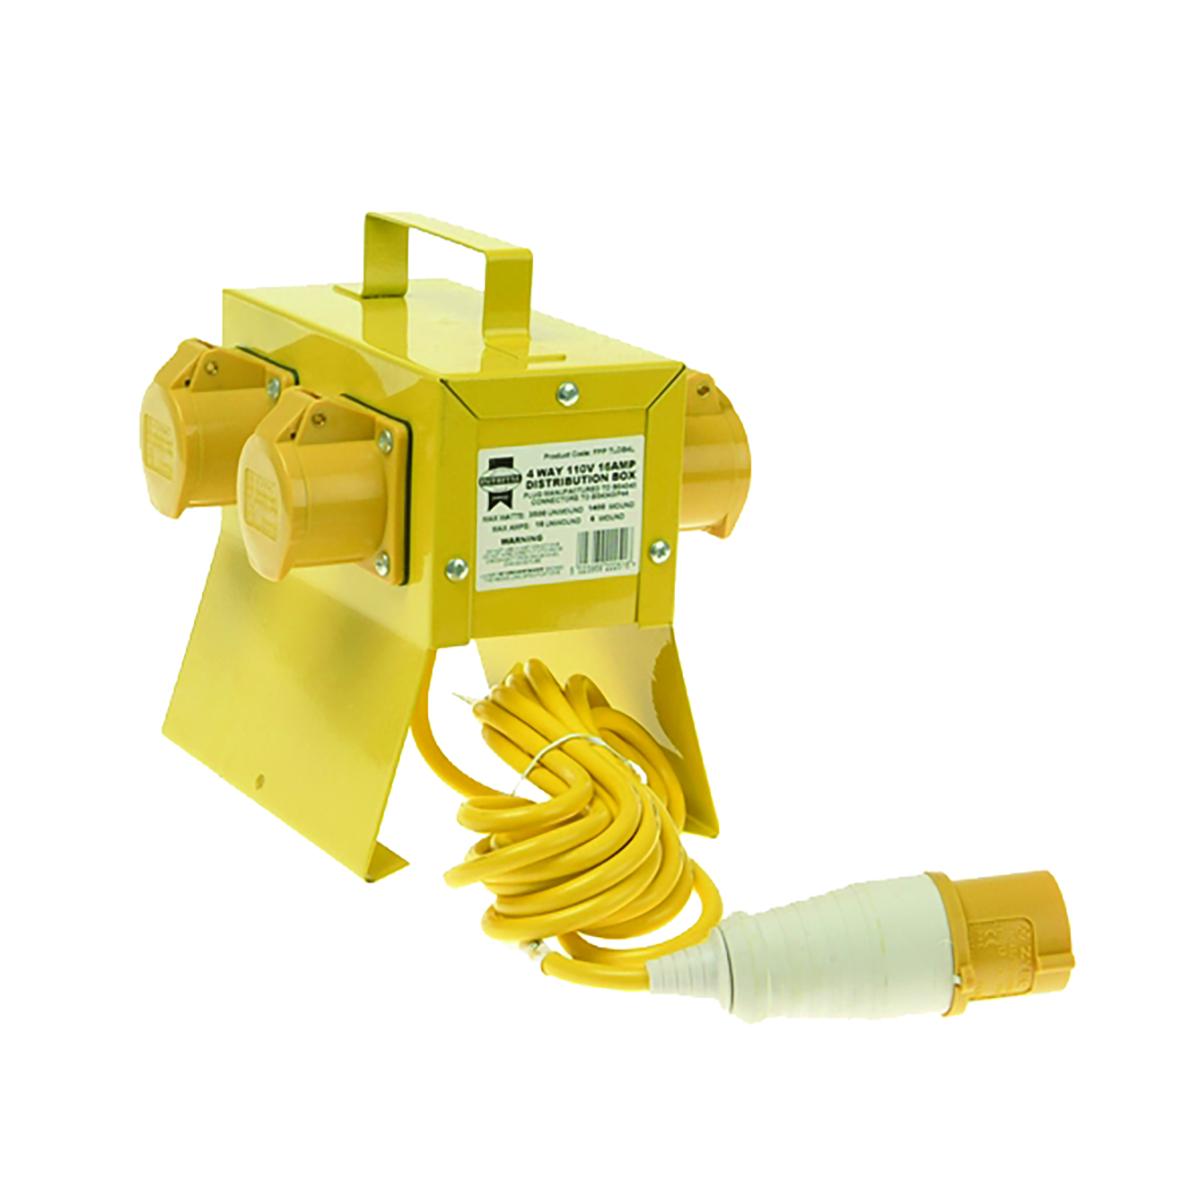 110v Splitter Box 16amp